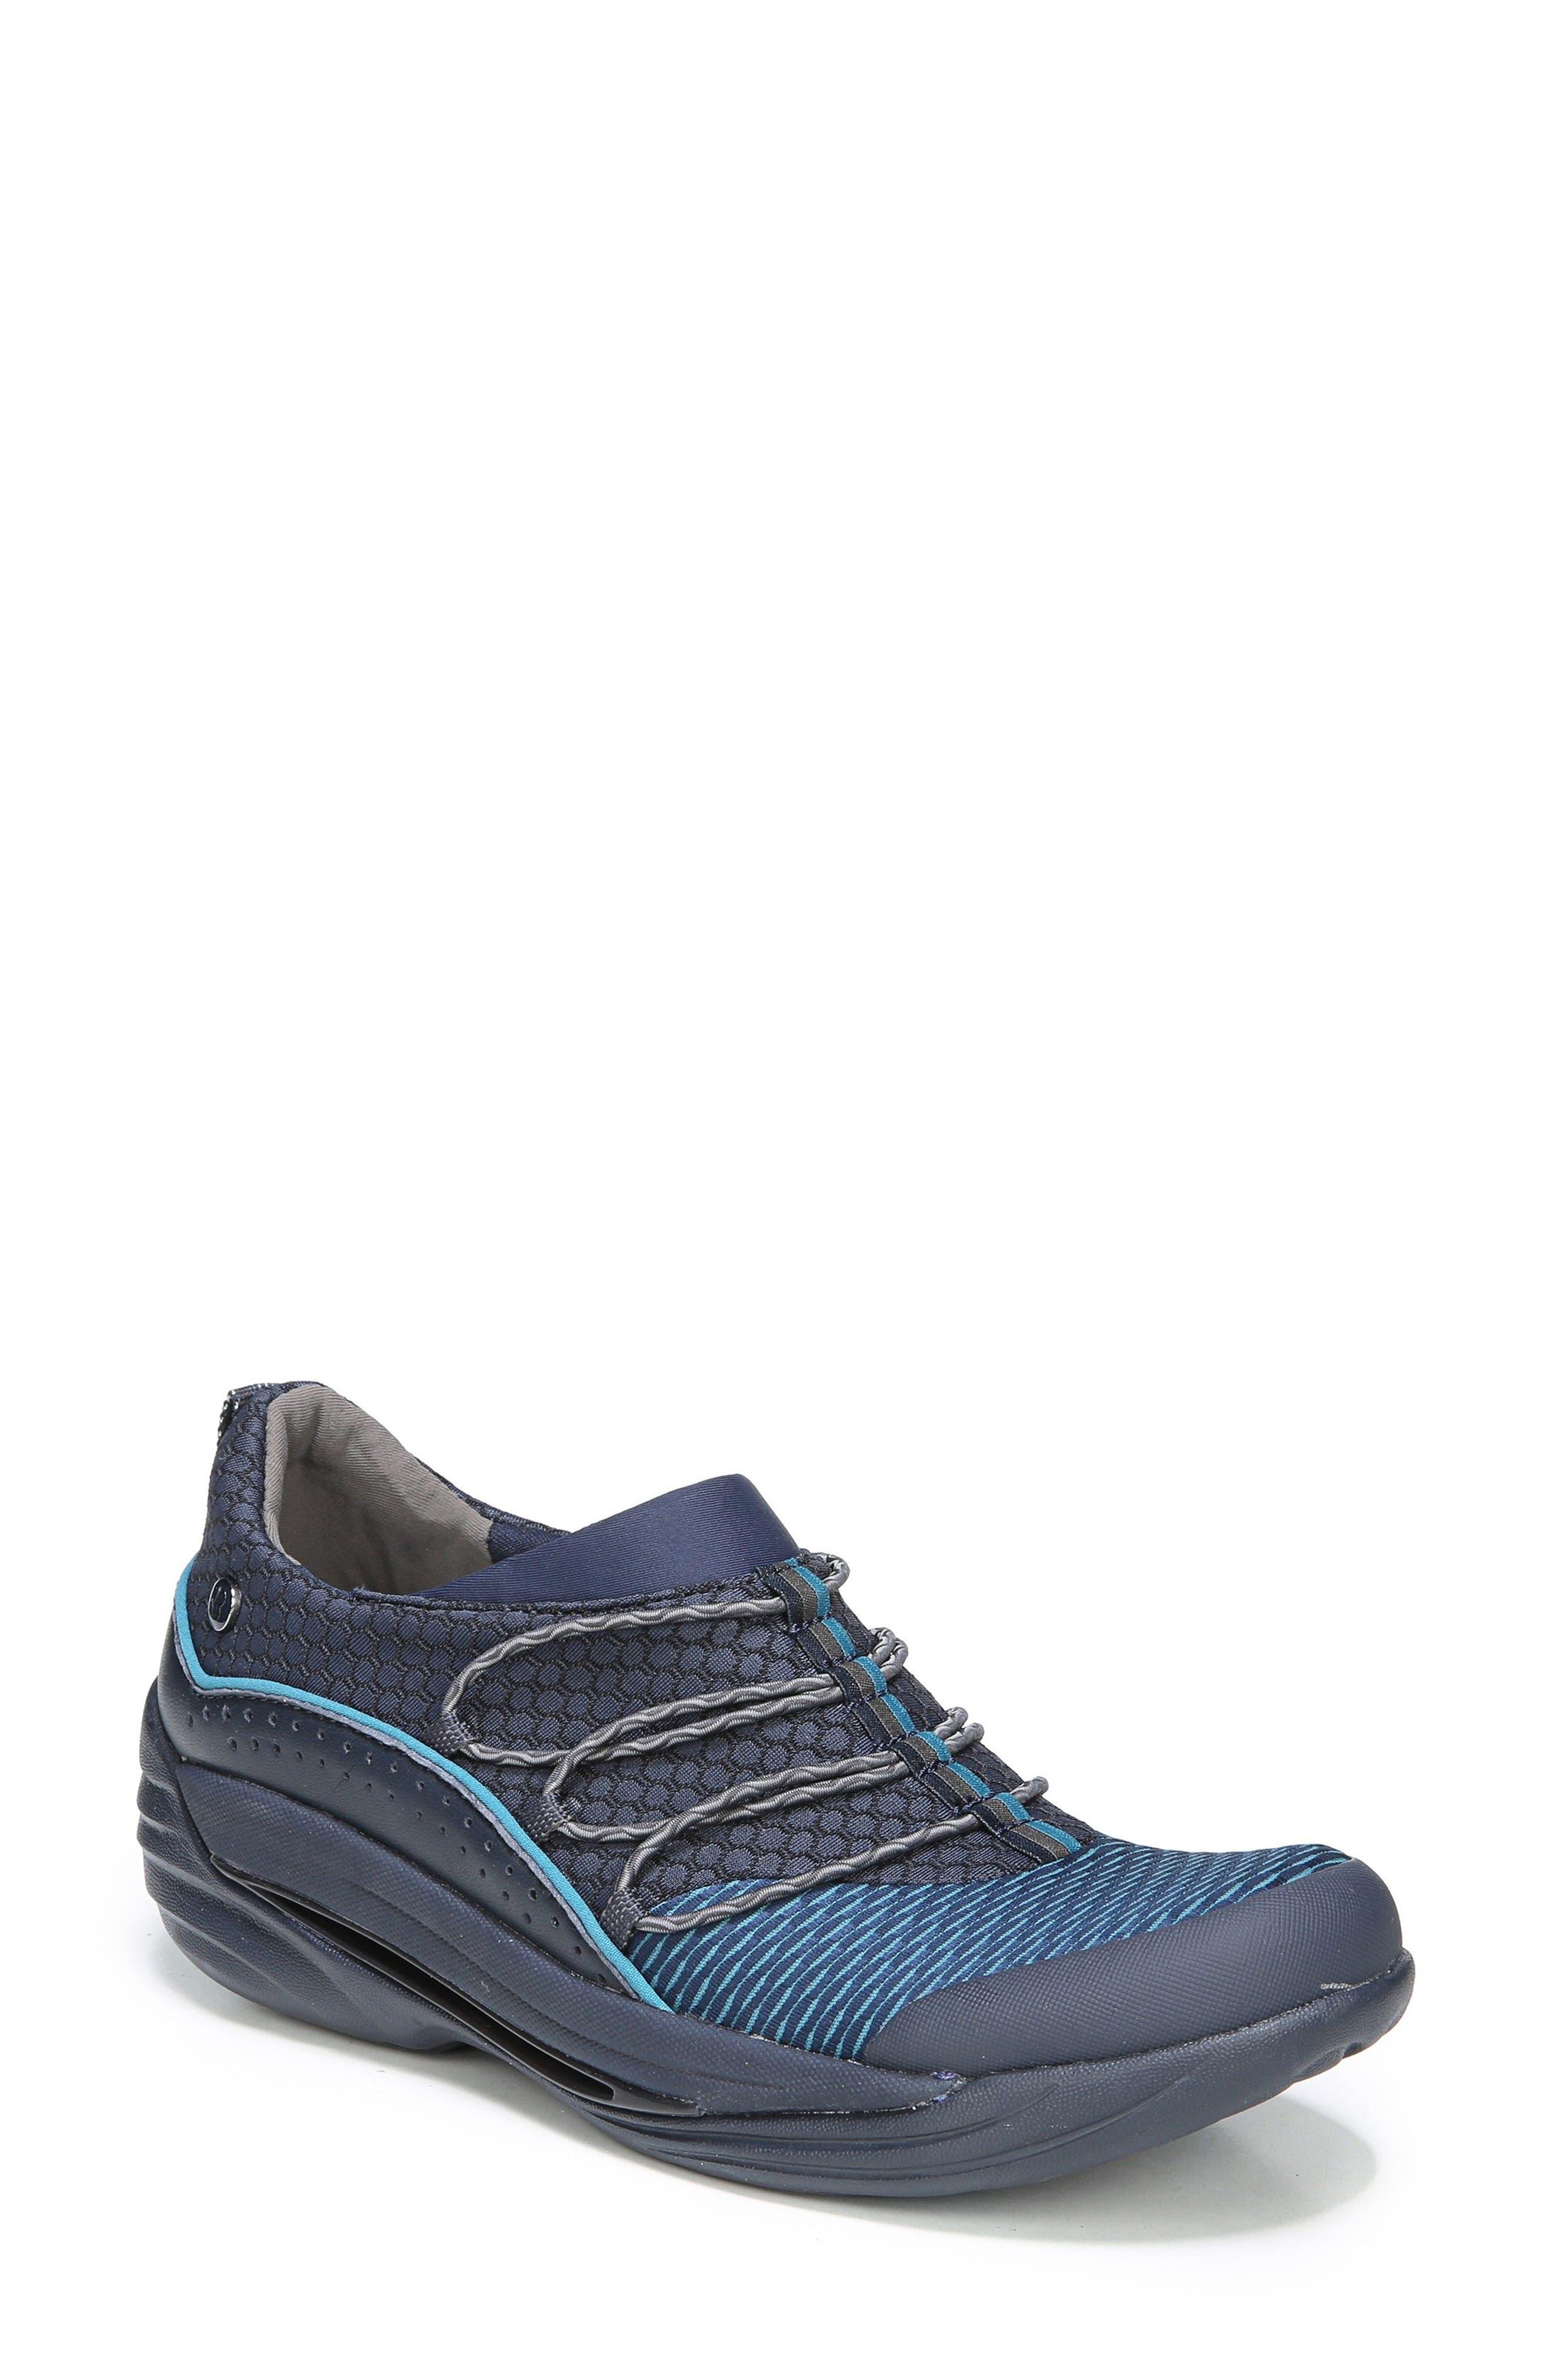 Bzees Pisces Slip-On Sneaker, Blue